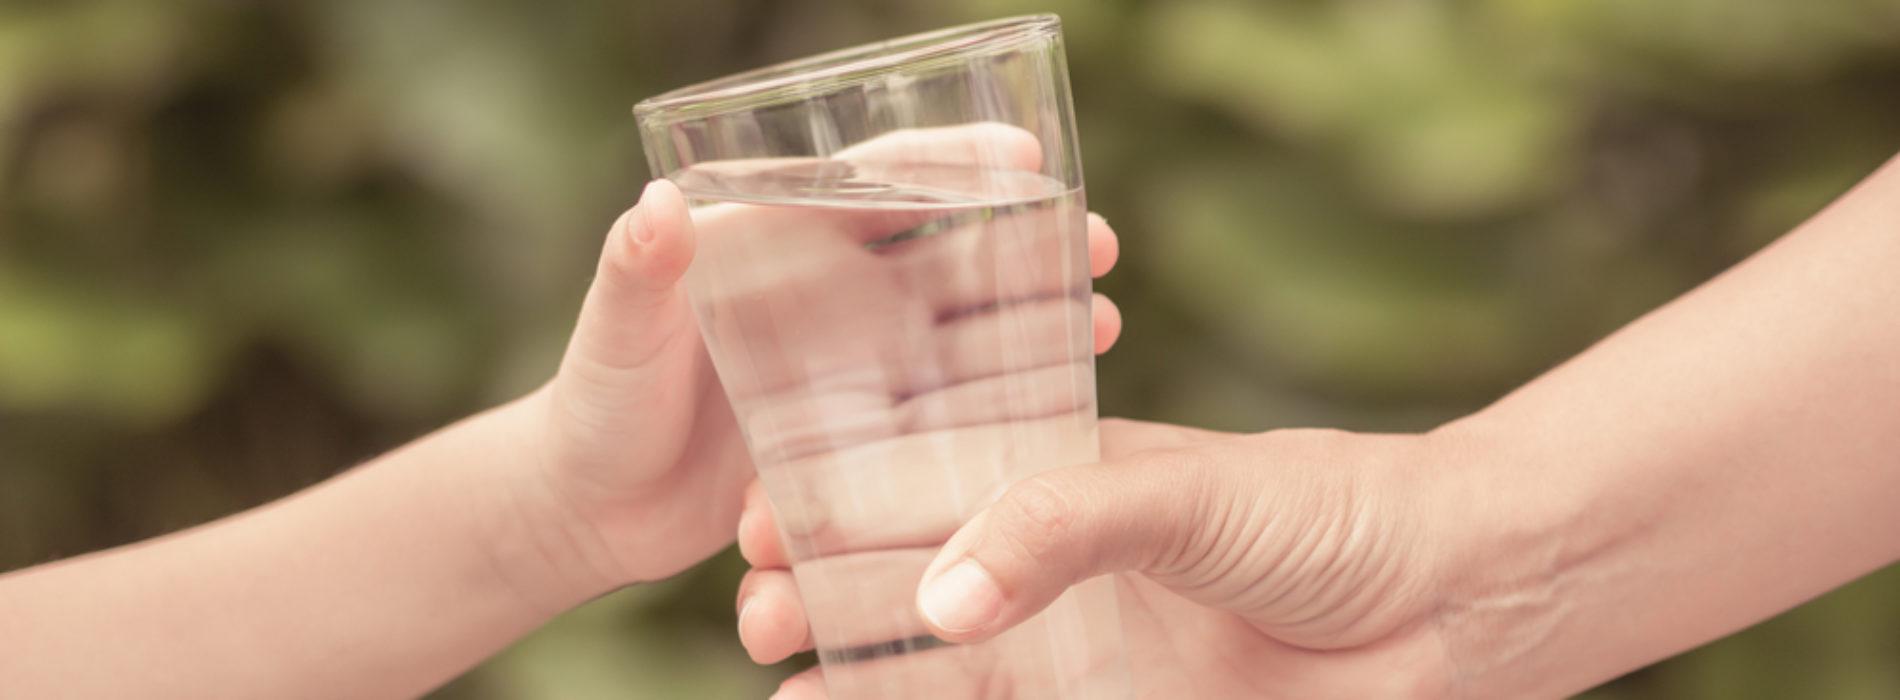 Filtry do wody jako rozwiązanie do biura – czy to się opłaca?